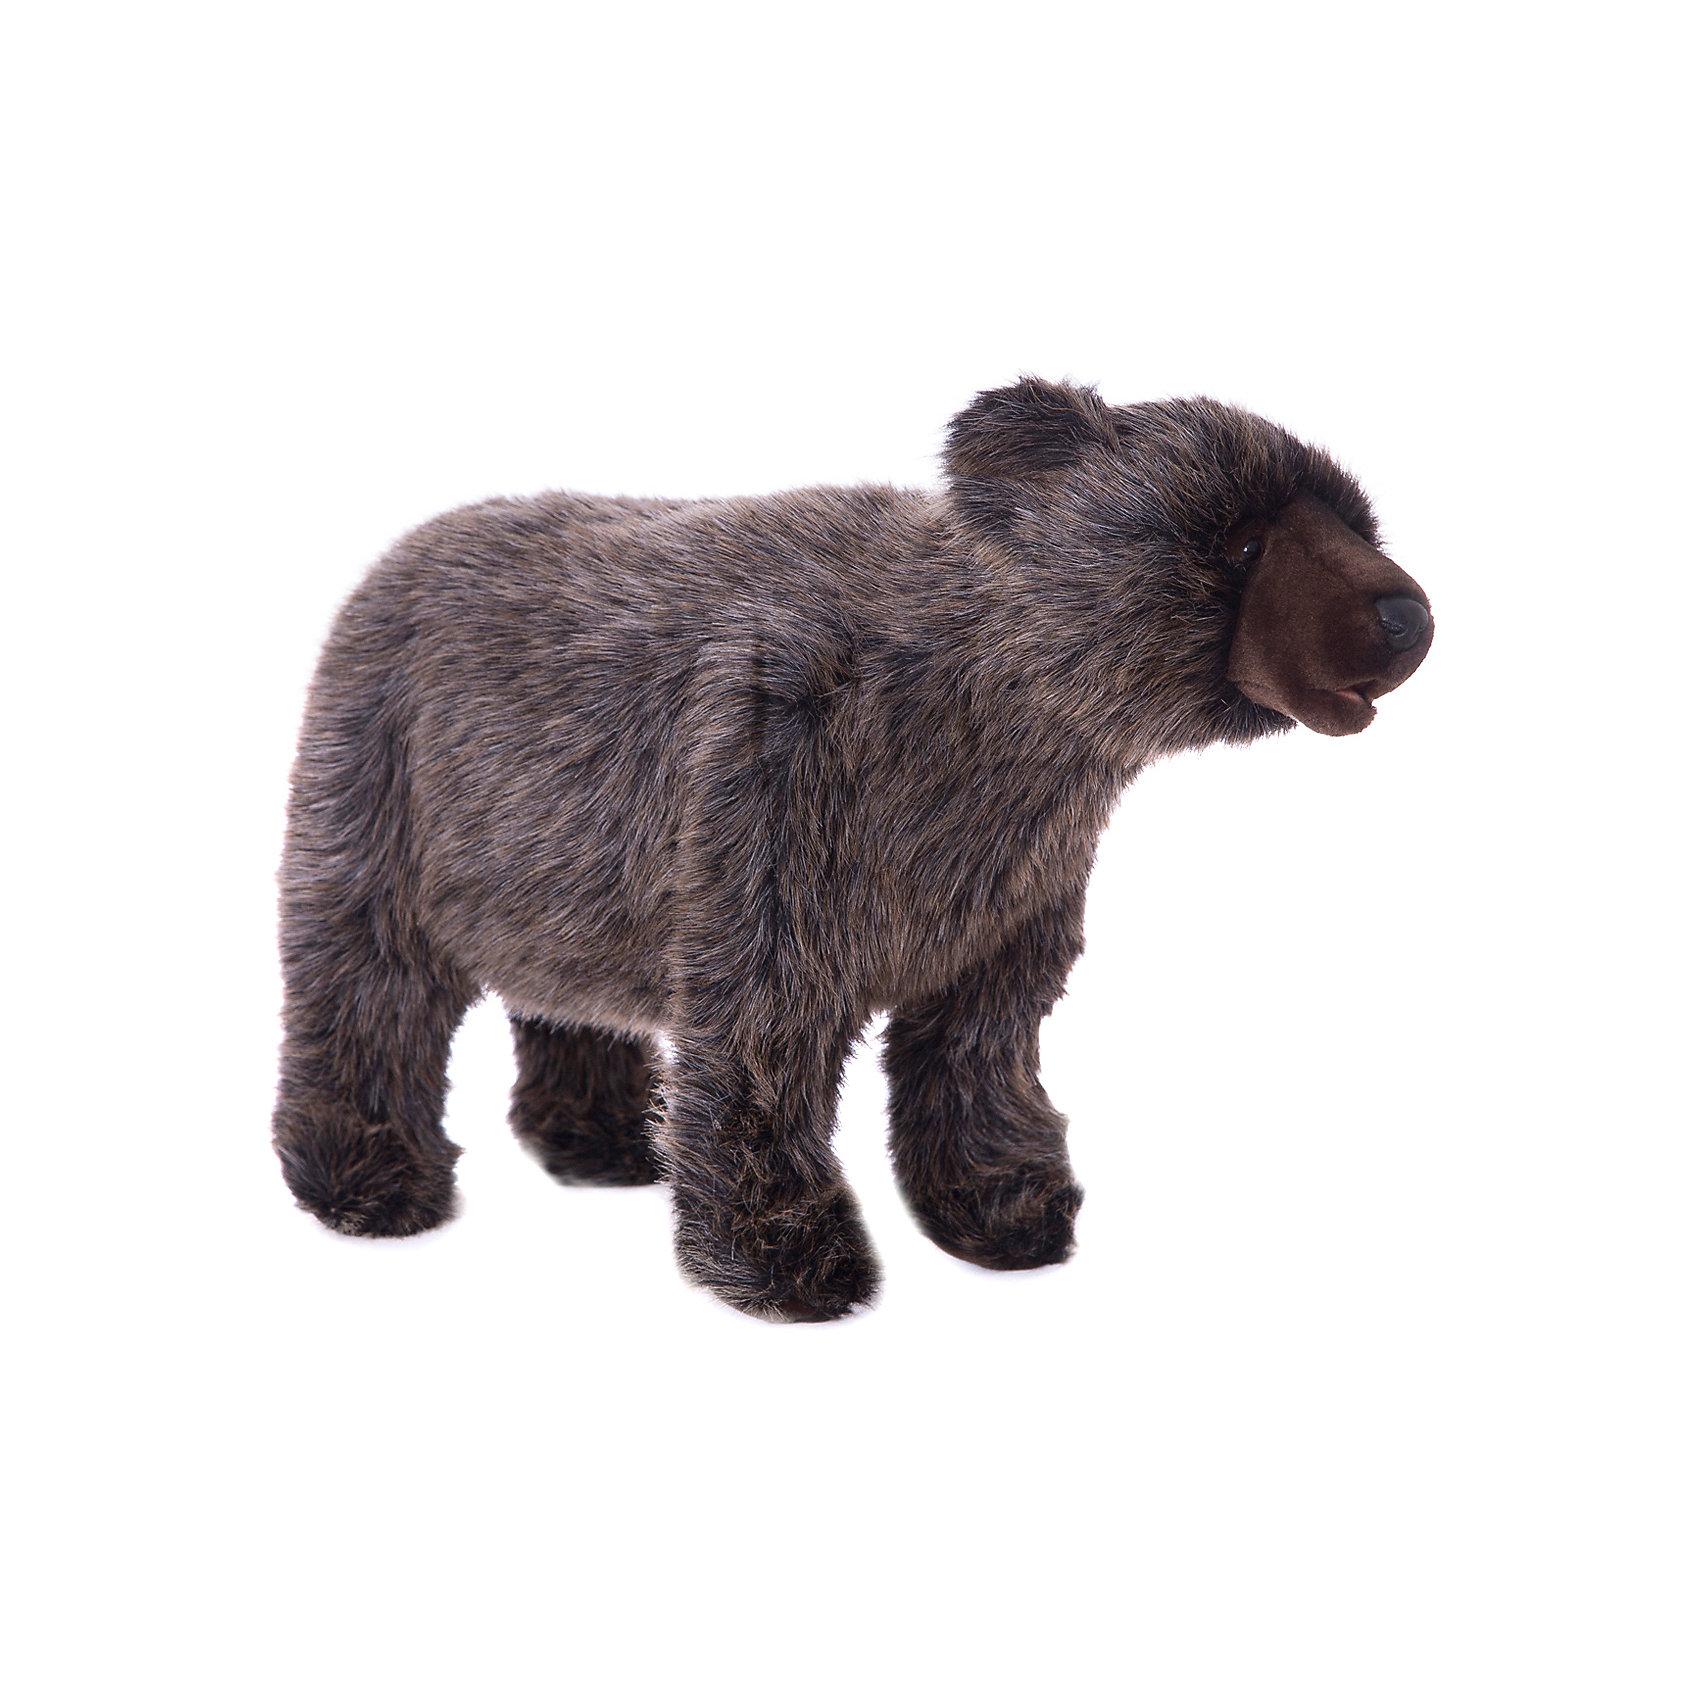 Медвежонок Гризли, идущий, 60 см, HansaМедвежата<br>Hansa  - мировой лидер по производству  натуралистичных, максимально похожих на настоящих животных, мягких игрушек. <br>Ханса воссоздает  экстерьер и окрас животных, фактуру шерсти, характерные позы и даже характер. <br>Благодаря своей реалистичности, игрушки HANSA позволяют любоваться дикими животными, сохраняя их жизнь.<br><br>Ширина мм: 600<br>Глубина мм: 200<br>Высота мм: 360<br>Вес г: 705<br>Возраст от месяцев: 36<br>Возраст до месяцев: 2147483647<br>Пол: Унисекс<br>Возраст: Детский<br>SKU: 5503302